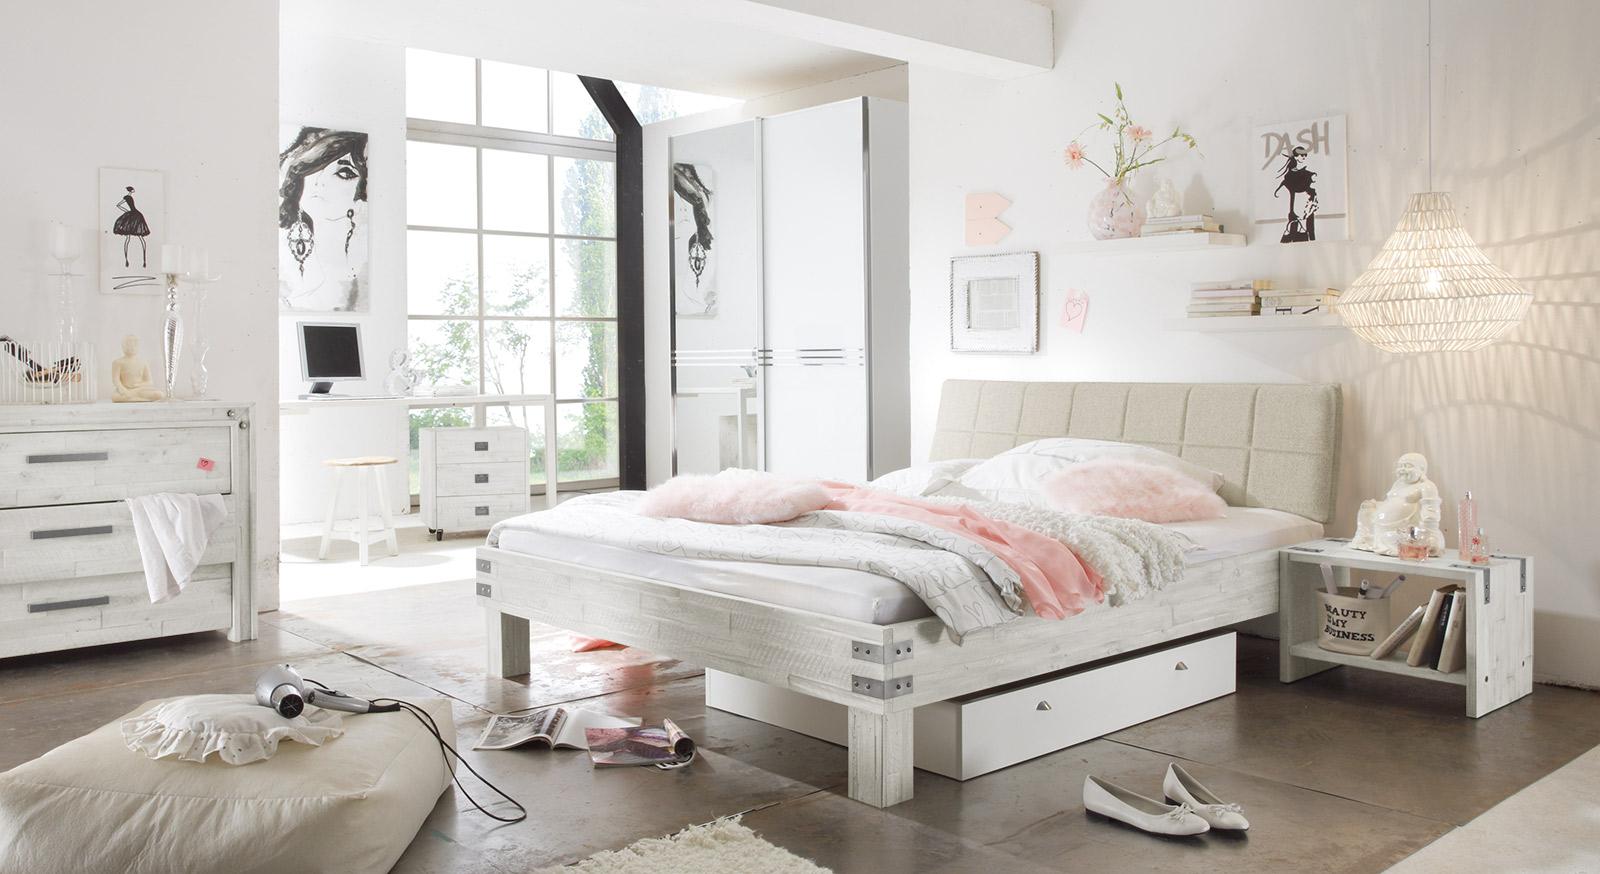 Bett Pica mit passenden Produkten